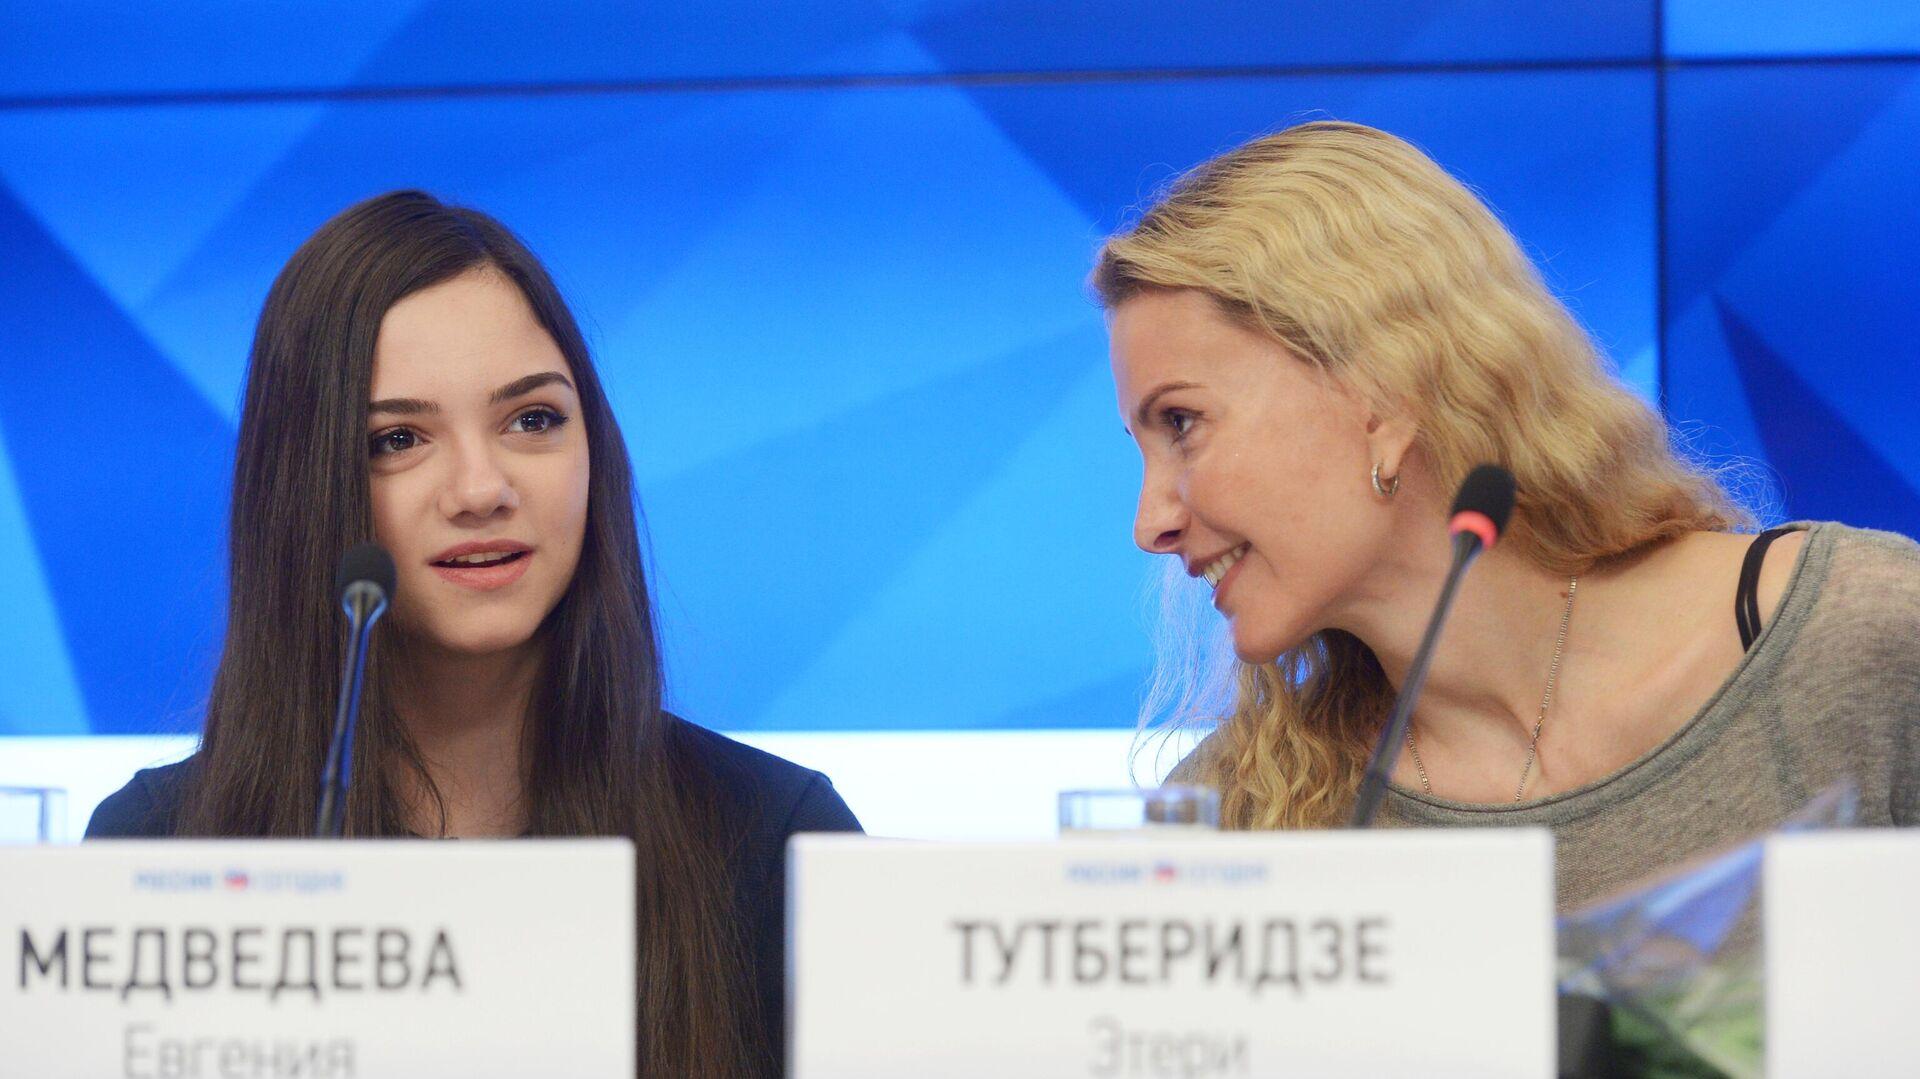 Евгения Медведева и Этери Тутберидзе - РИА Новости, 1920, 16.09.2020